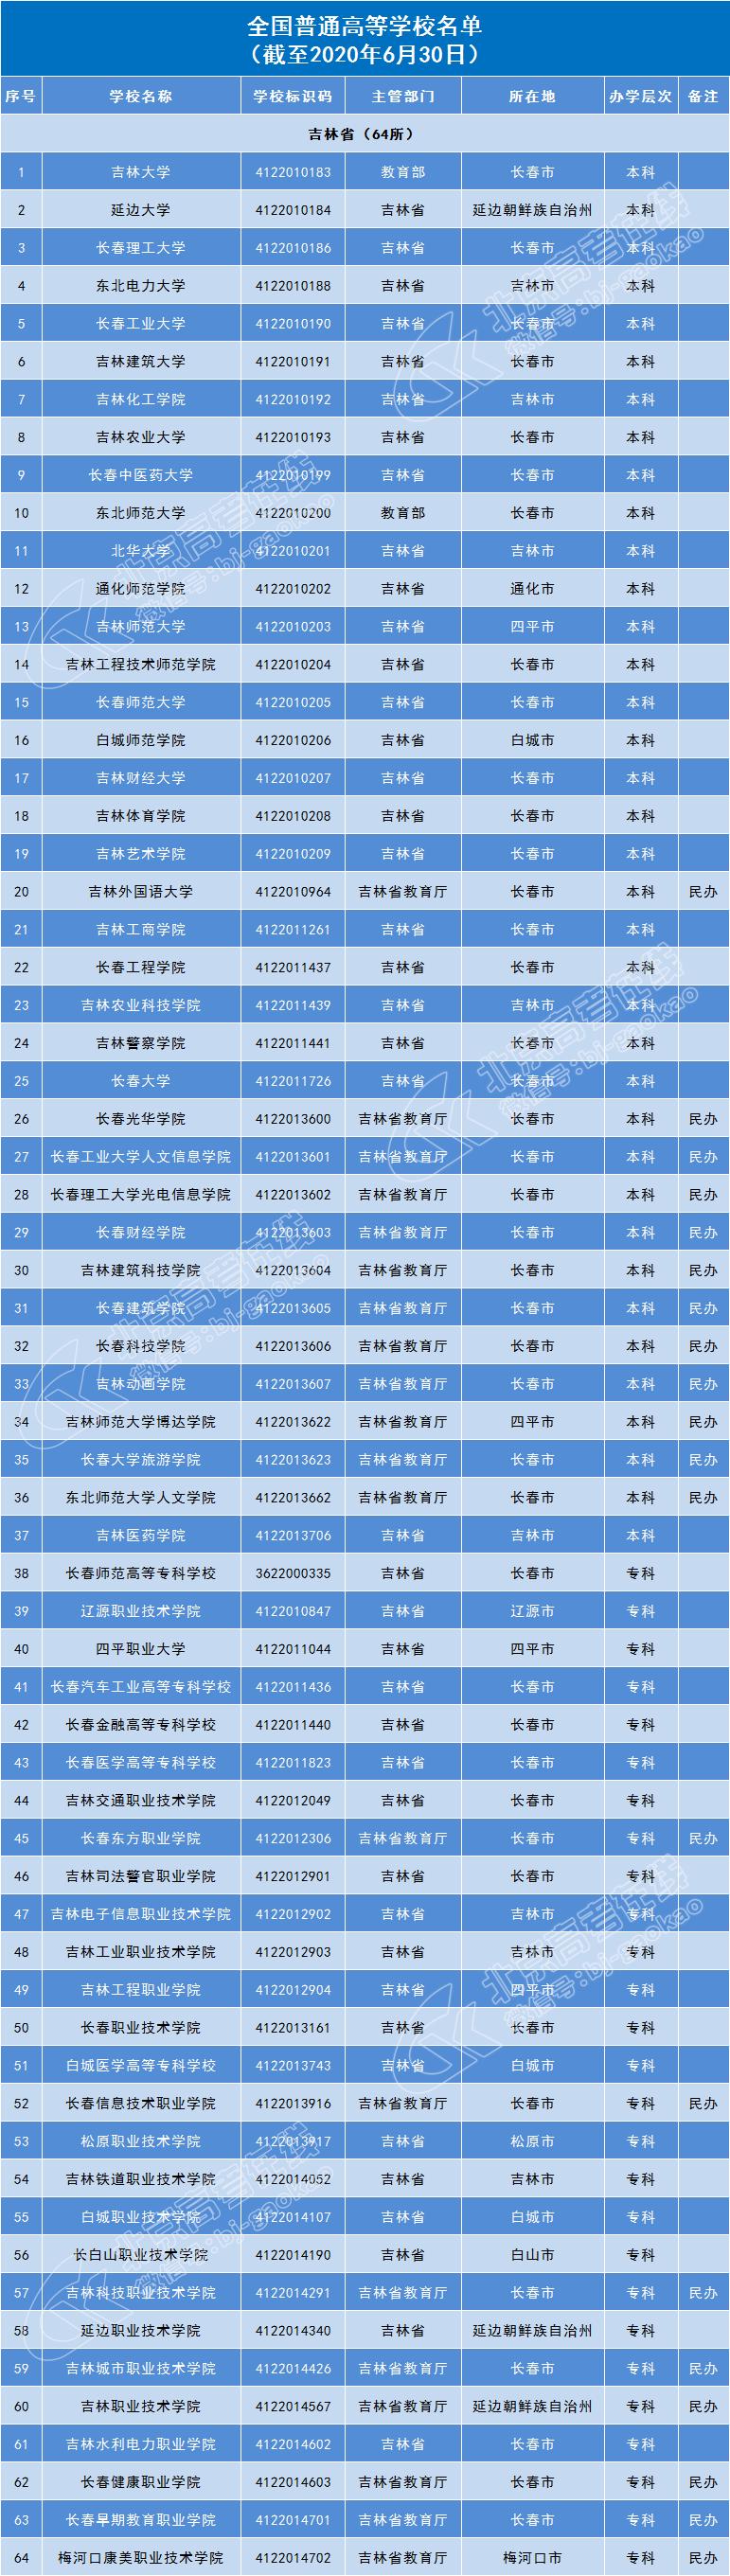 吉林64所普通高等院校名单